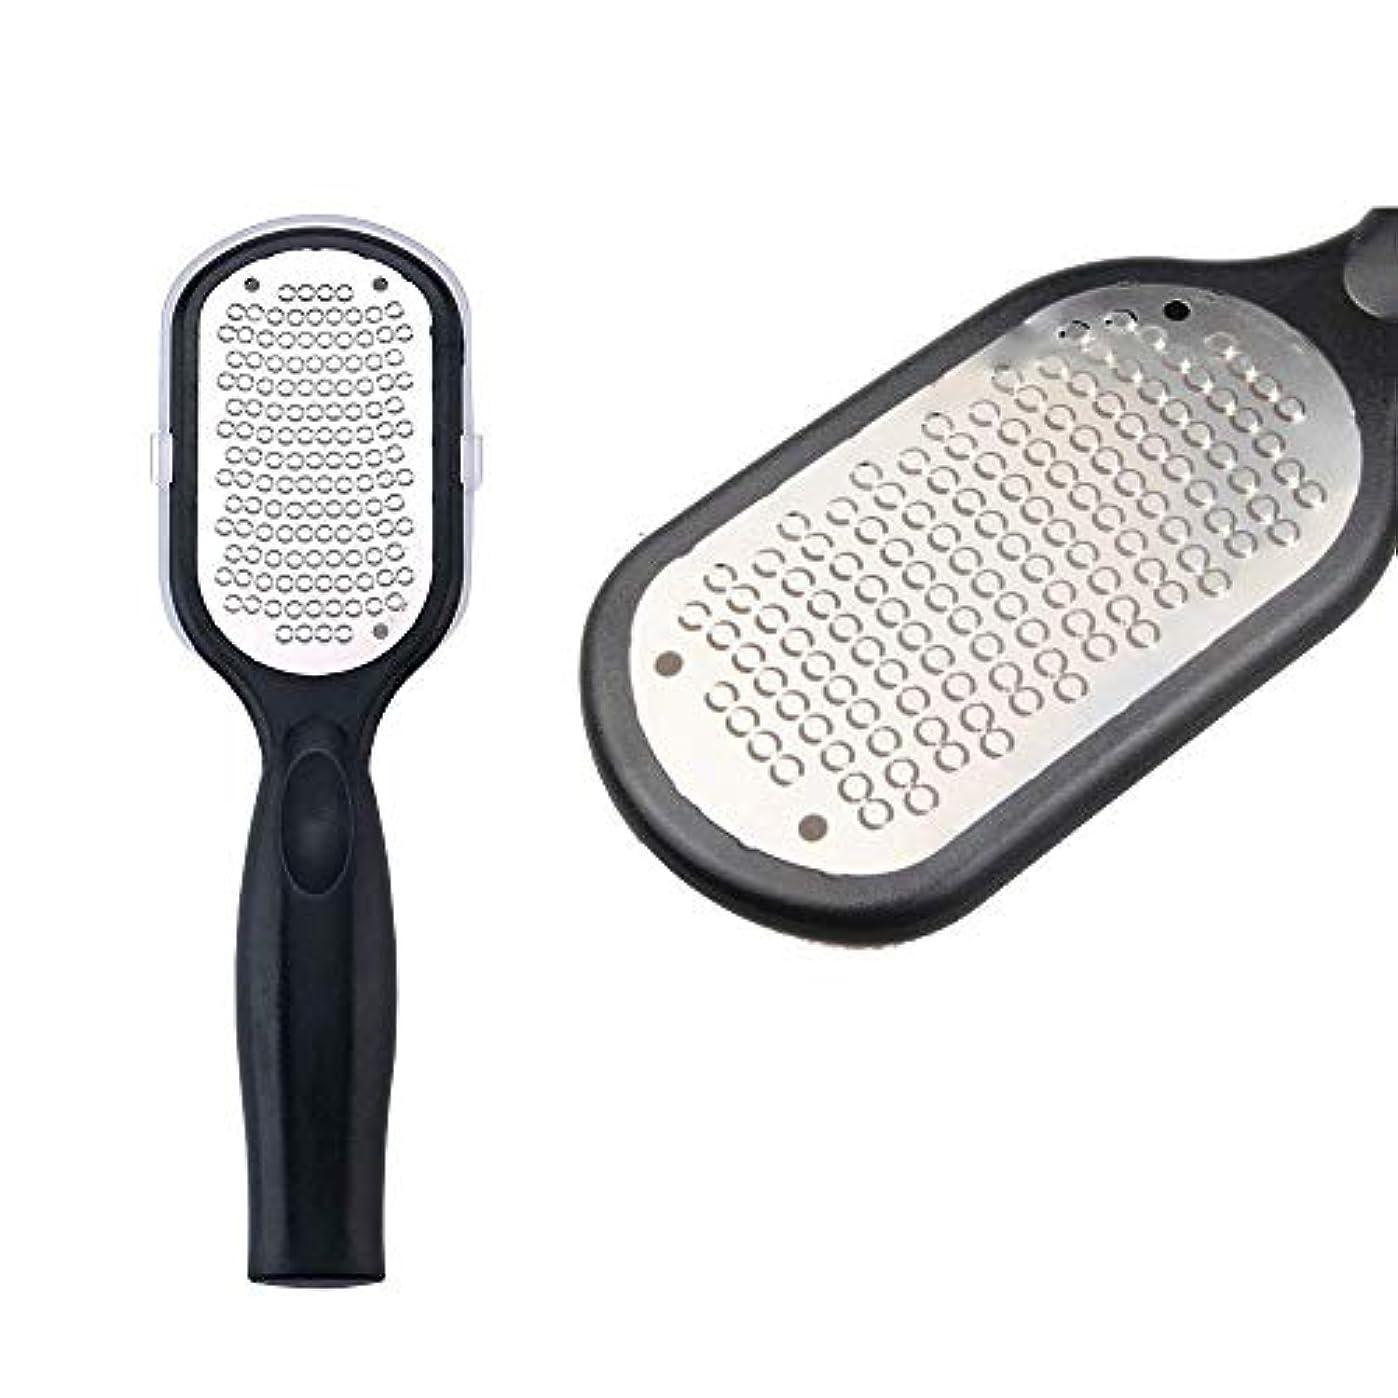 ラフレシアアルノルディ襲撃意見軽石 かかと 角質取り かかと削り器 お風呂 防水 水洗いOK 衛生的な 角質 リムーバー 削り ケア 除去